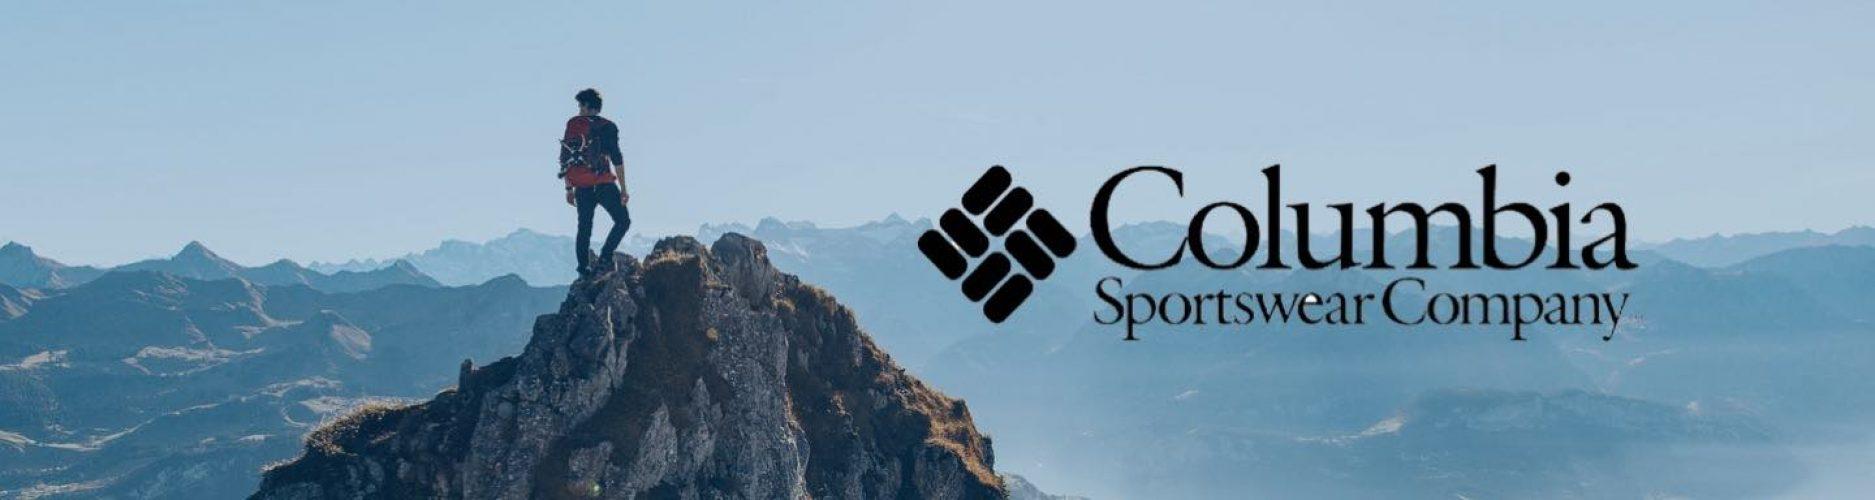 columbia-sportswear-trading-8675